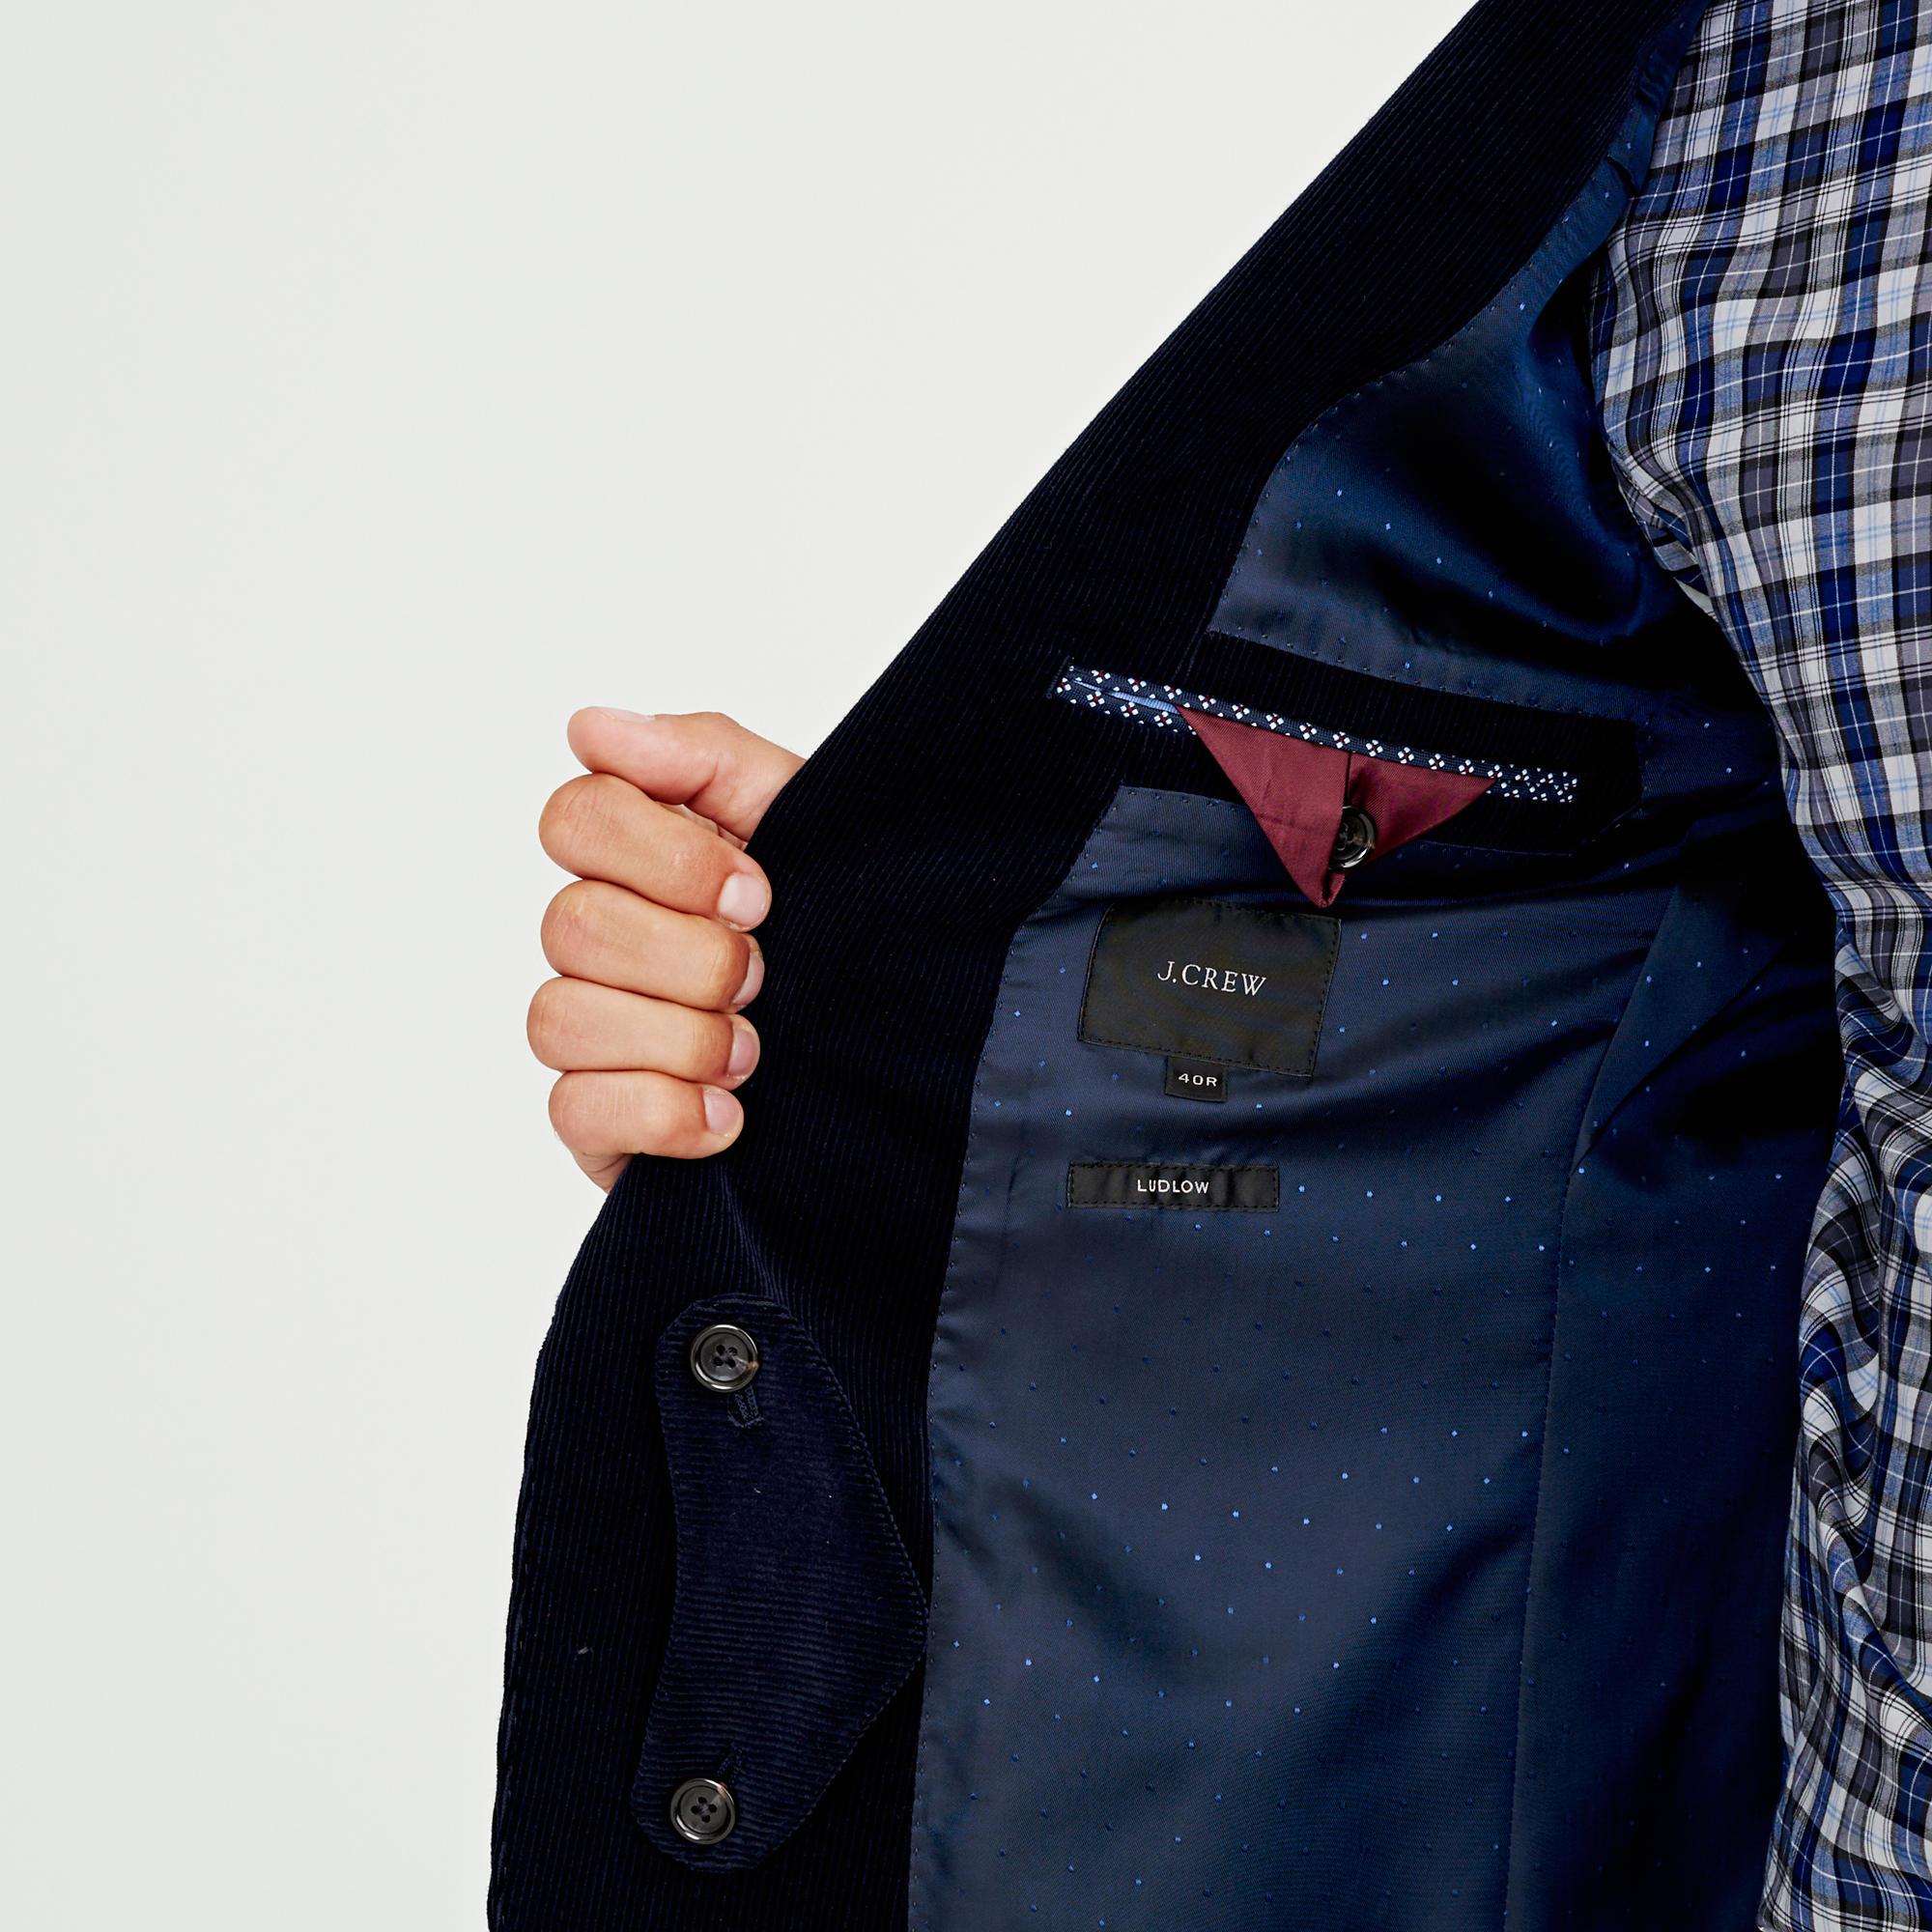 J.Crew Ludlow Fielding Suit Jacket In Italian Corduroy in Blue for Men